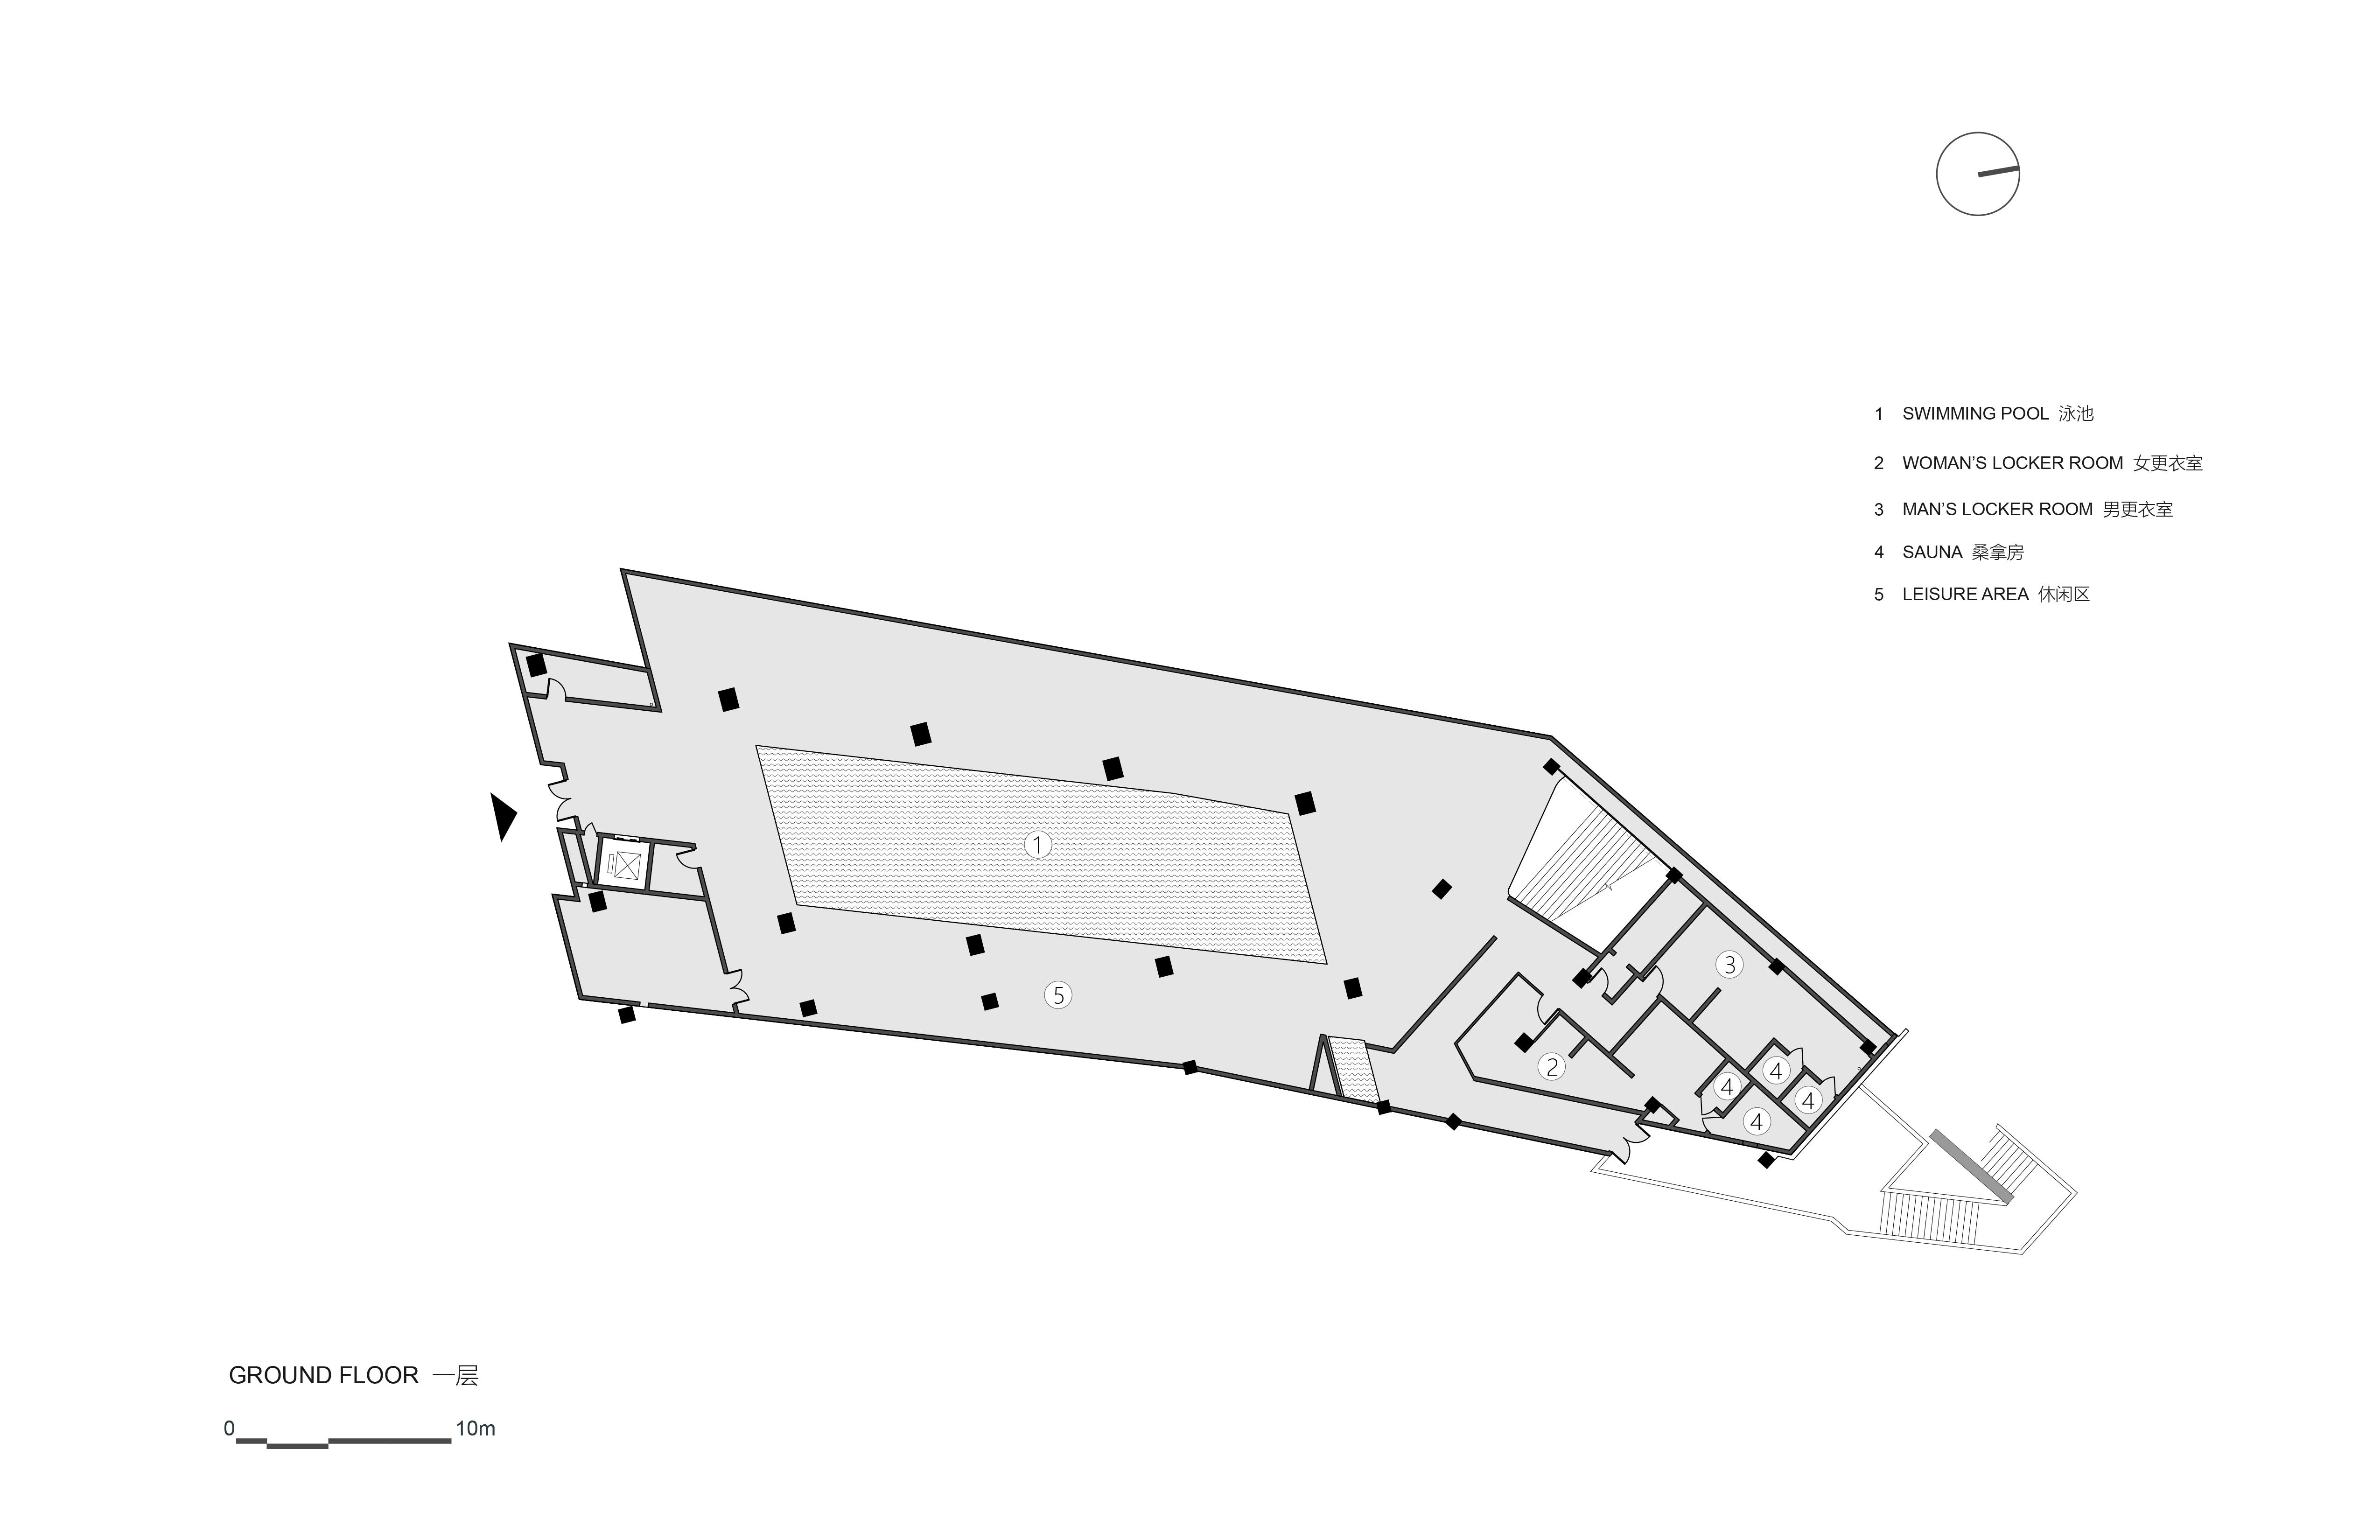 m4 plan-2-01.jpg